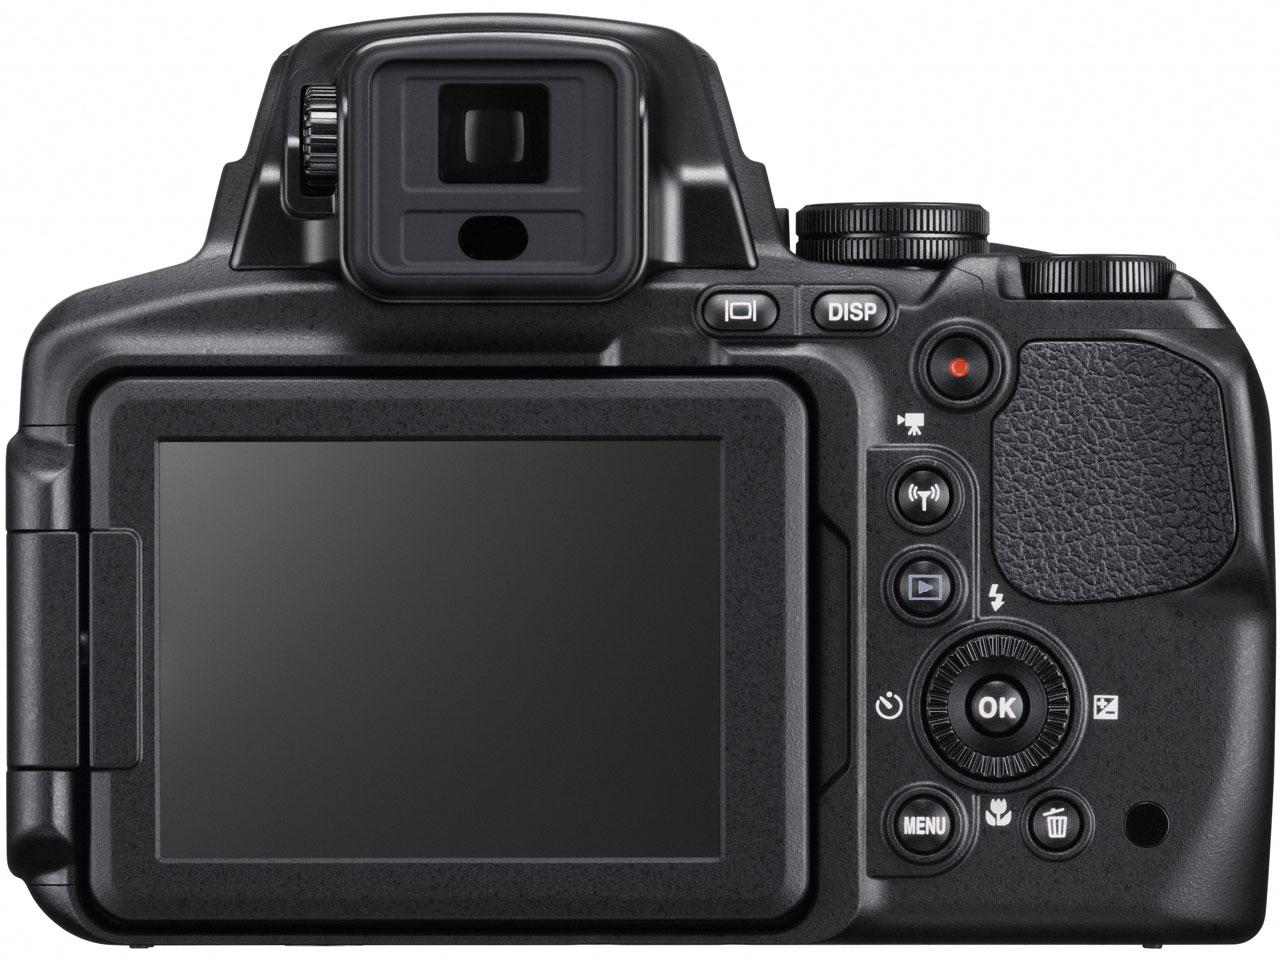 『本体 背面1』 COOLPIX P900 の製品画像